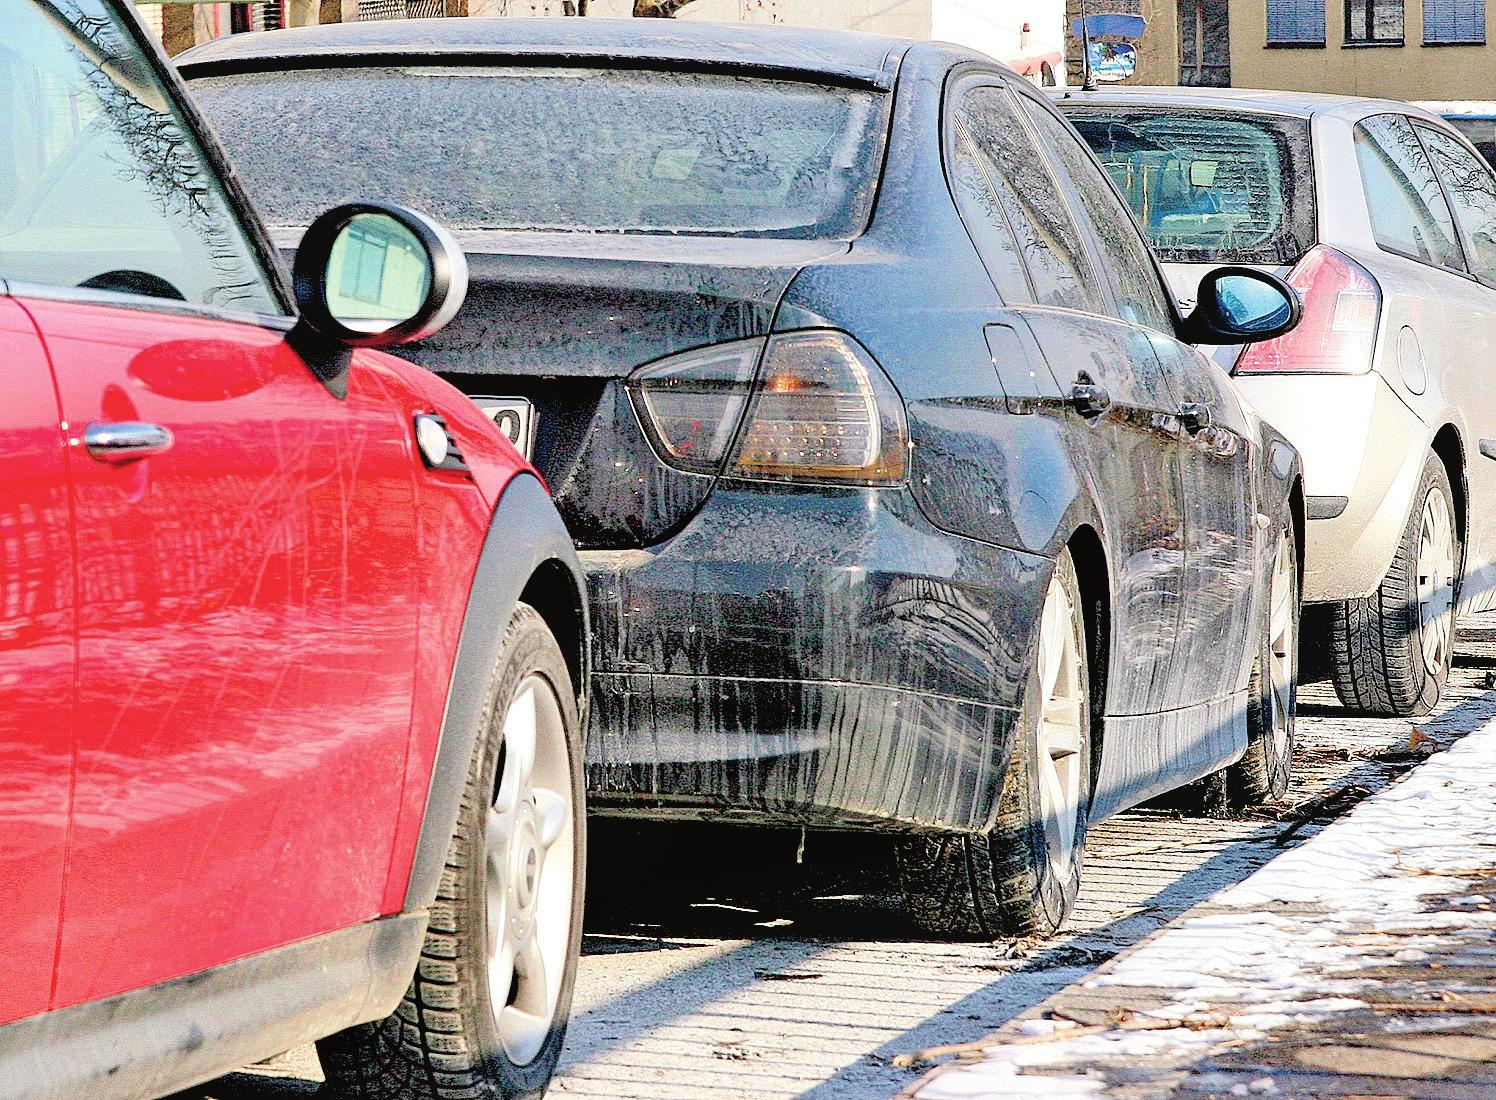 Streusalz wirkt wie Schleifpapier: Wird der Winterdreck einfach nur mit einem feuchten Tuch vom Wagen abgewischt, können die Kristalle auf dem Lack Kratzer hinterlassen. FOTO: DPA